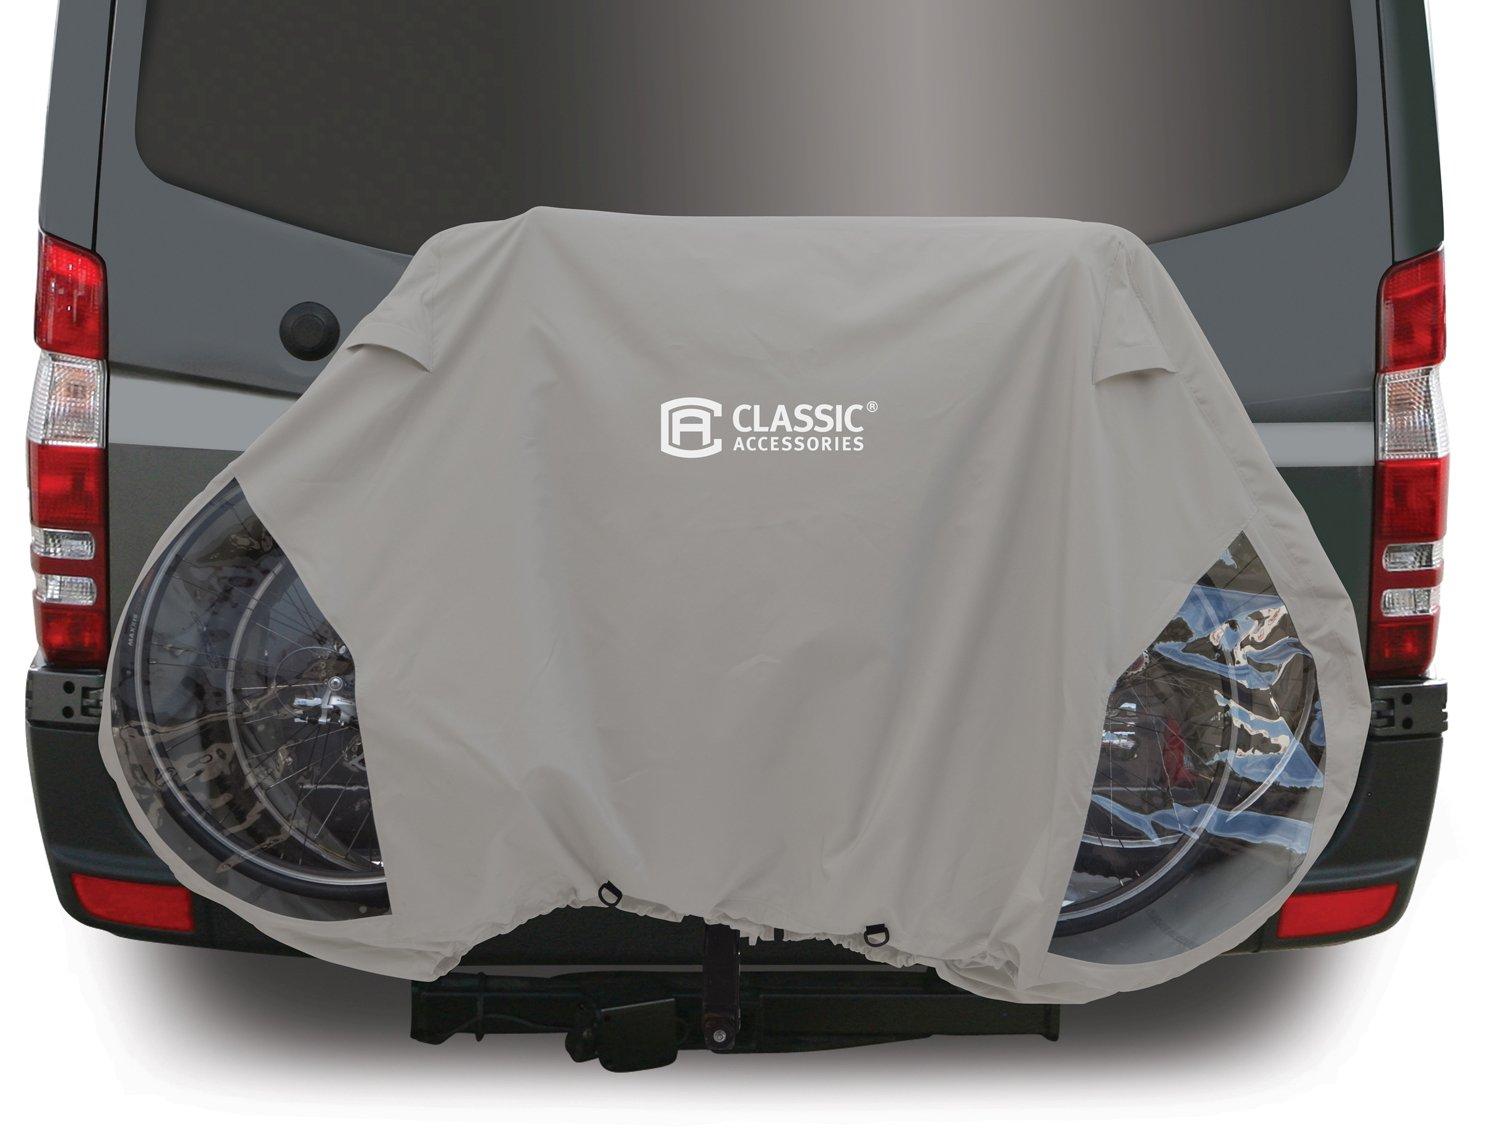 Classic Accessories 80-111-011001-00 Overdrive RV Deluxe Bike Cover